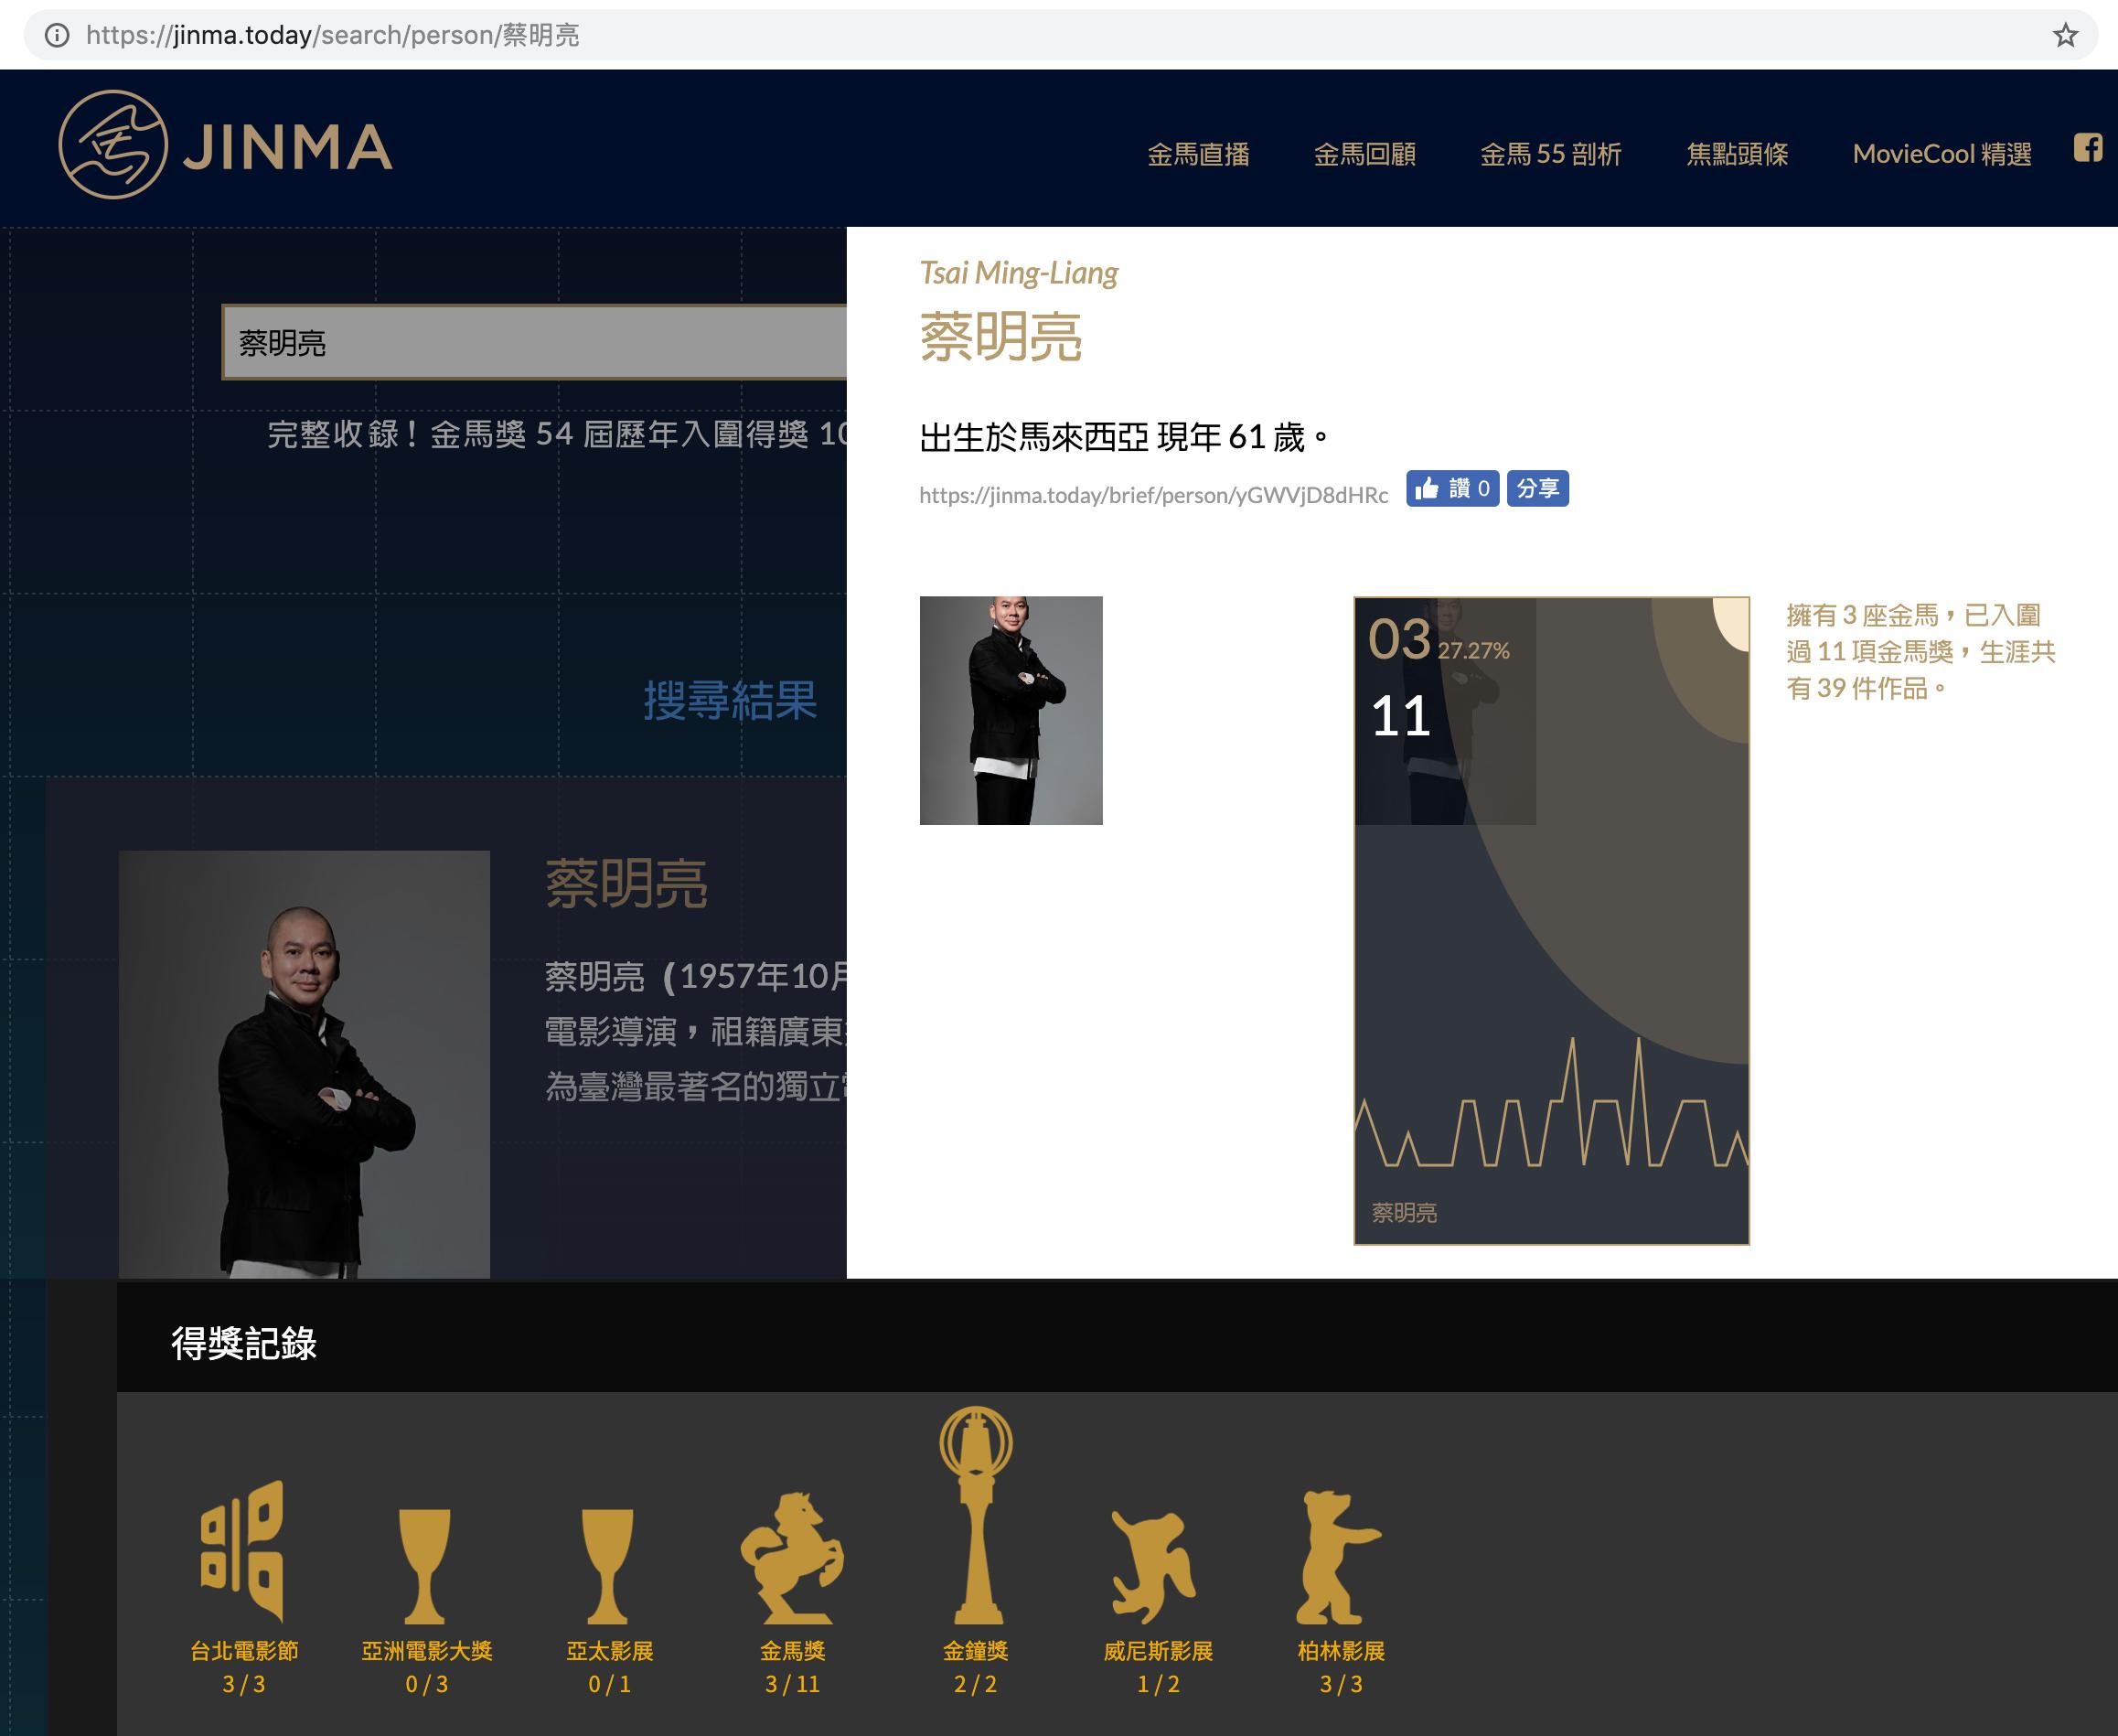 (蔡明亮的各大電影獎 得獎/入圍記錄。資料來源:JINMA來跨 https://jinma.today )